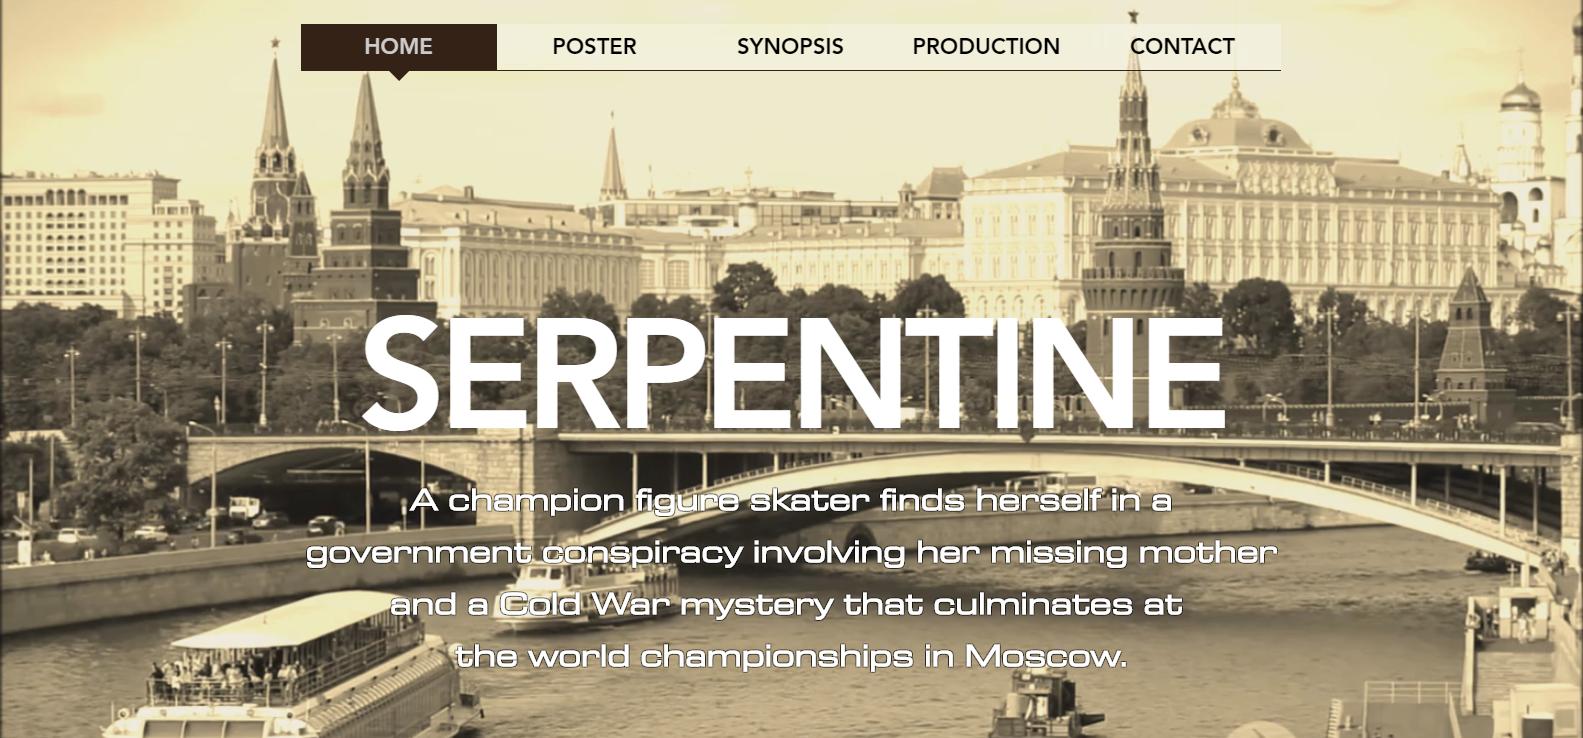 serpentine-movie